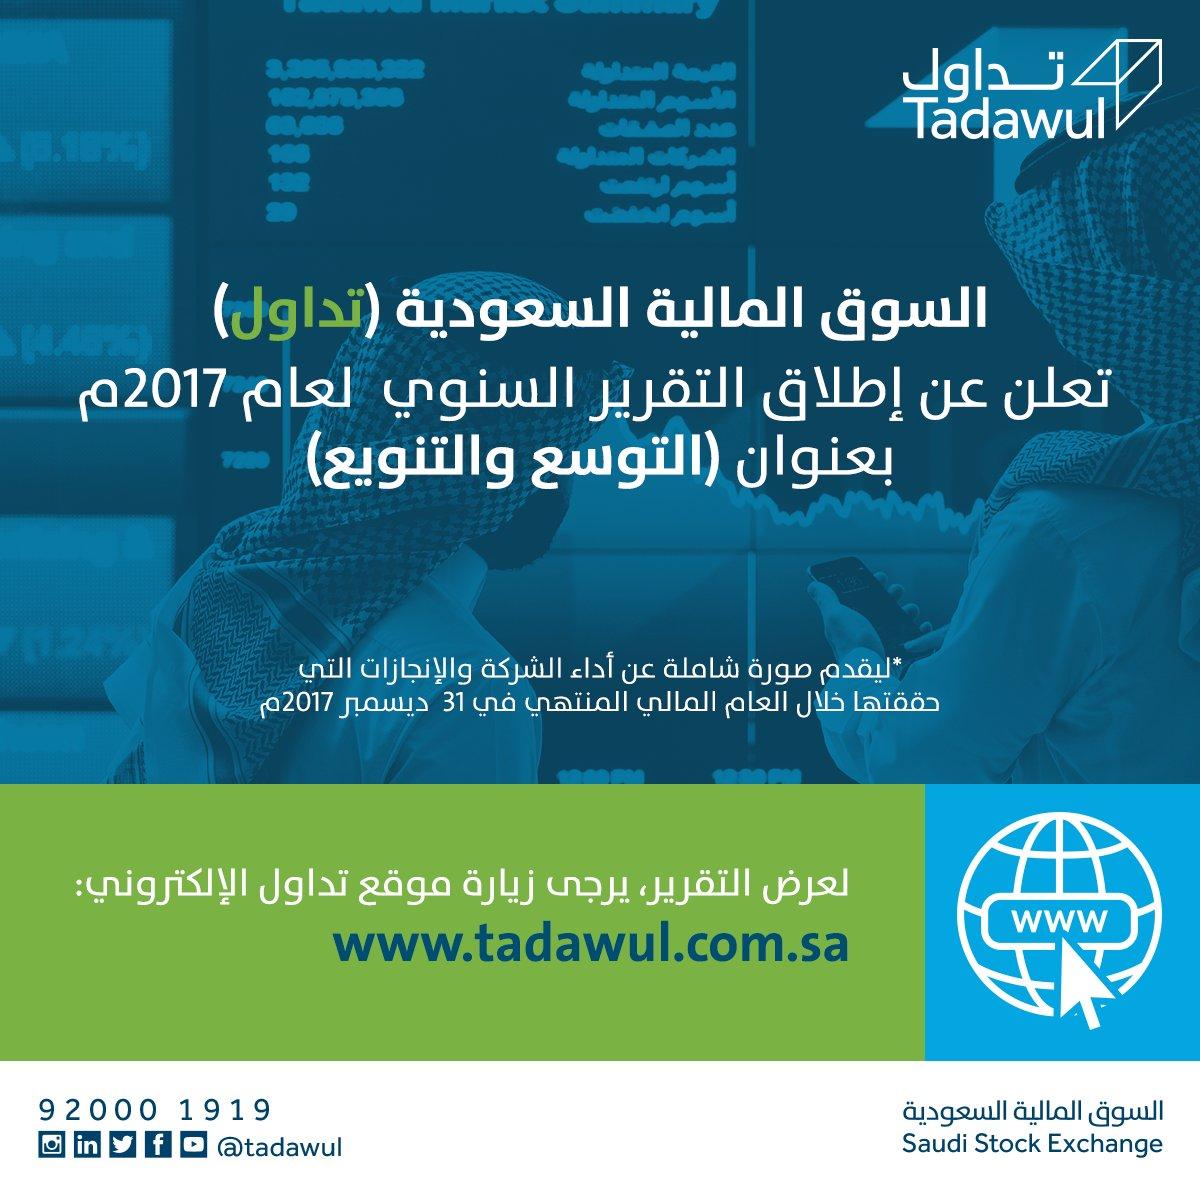 7ac706d12 Tadawul | تداول on Twitter: